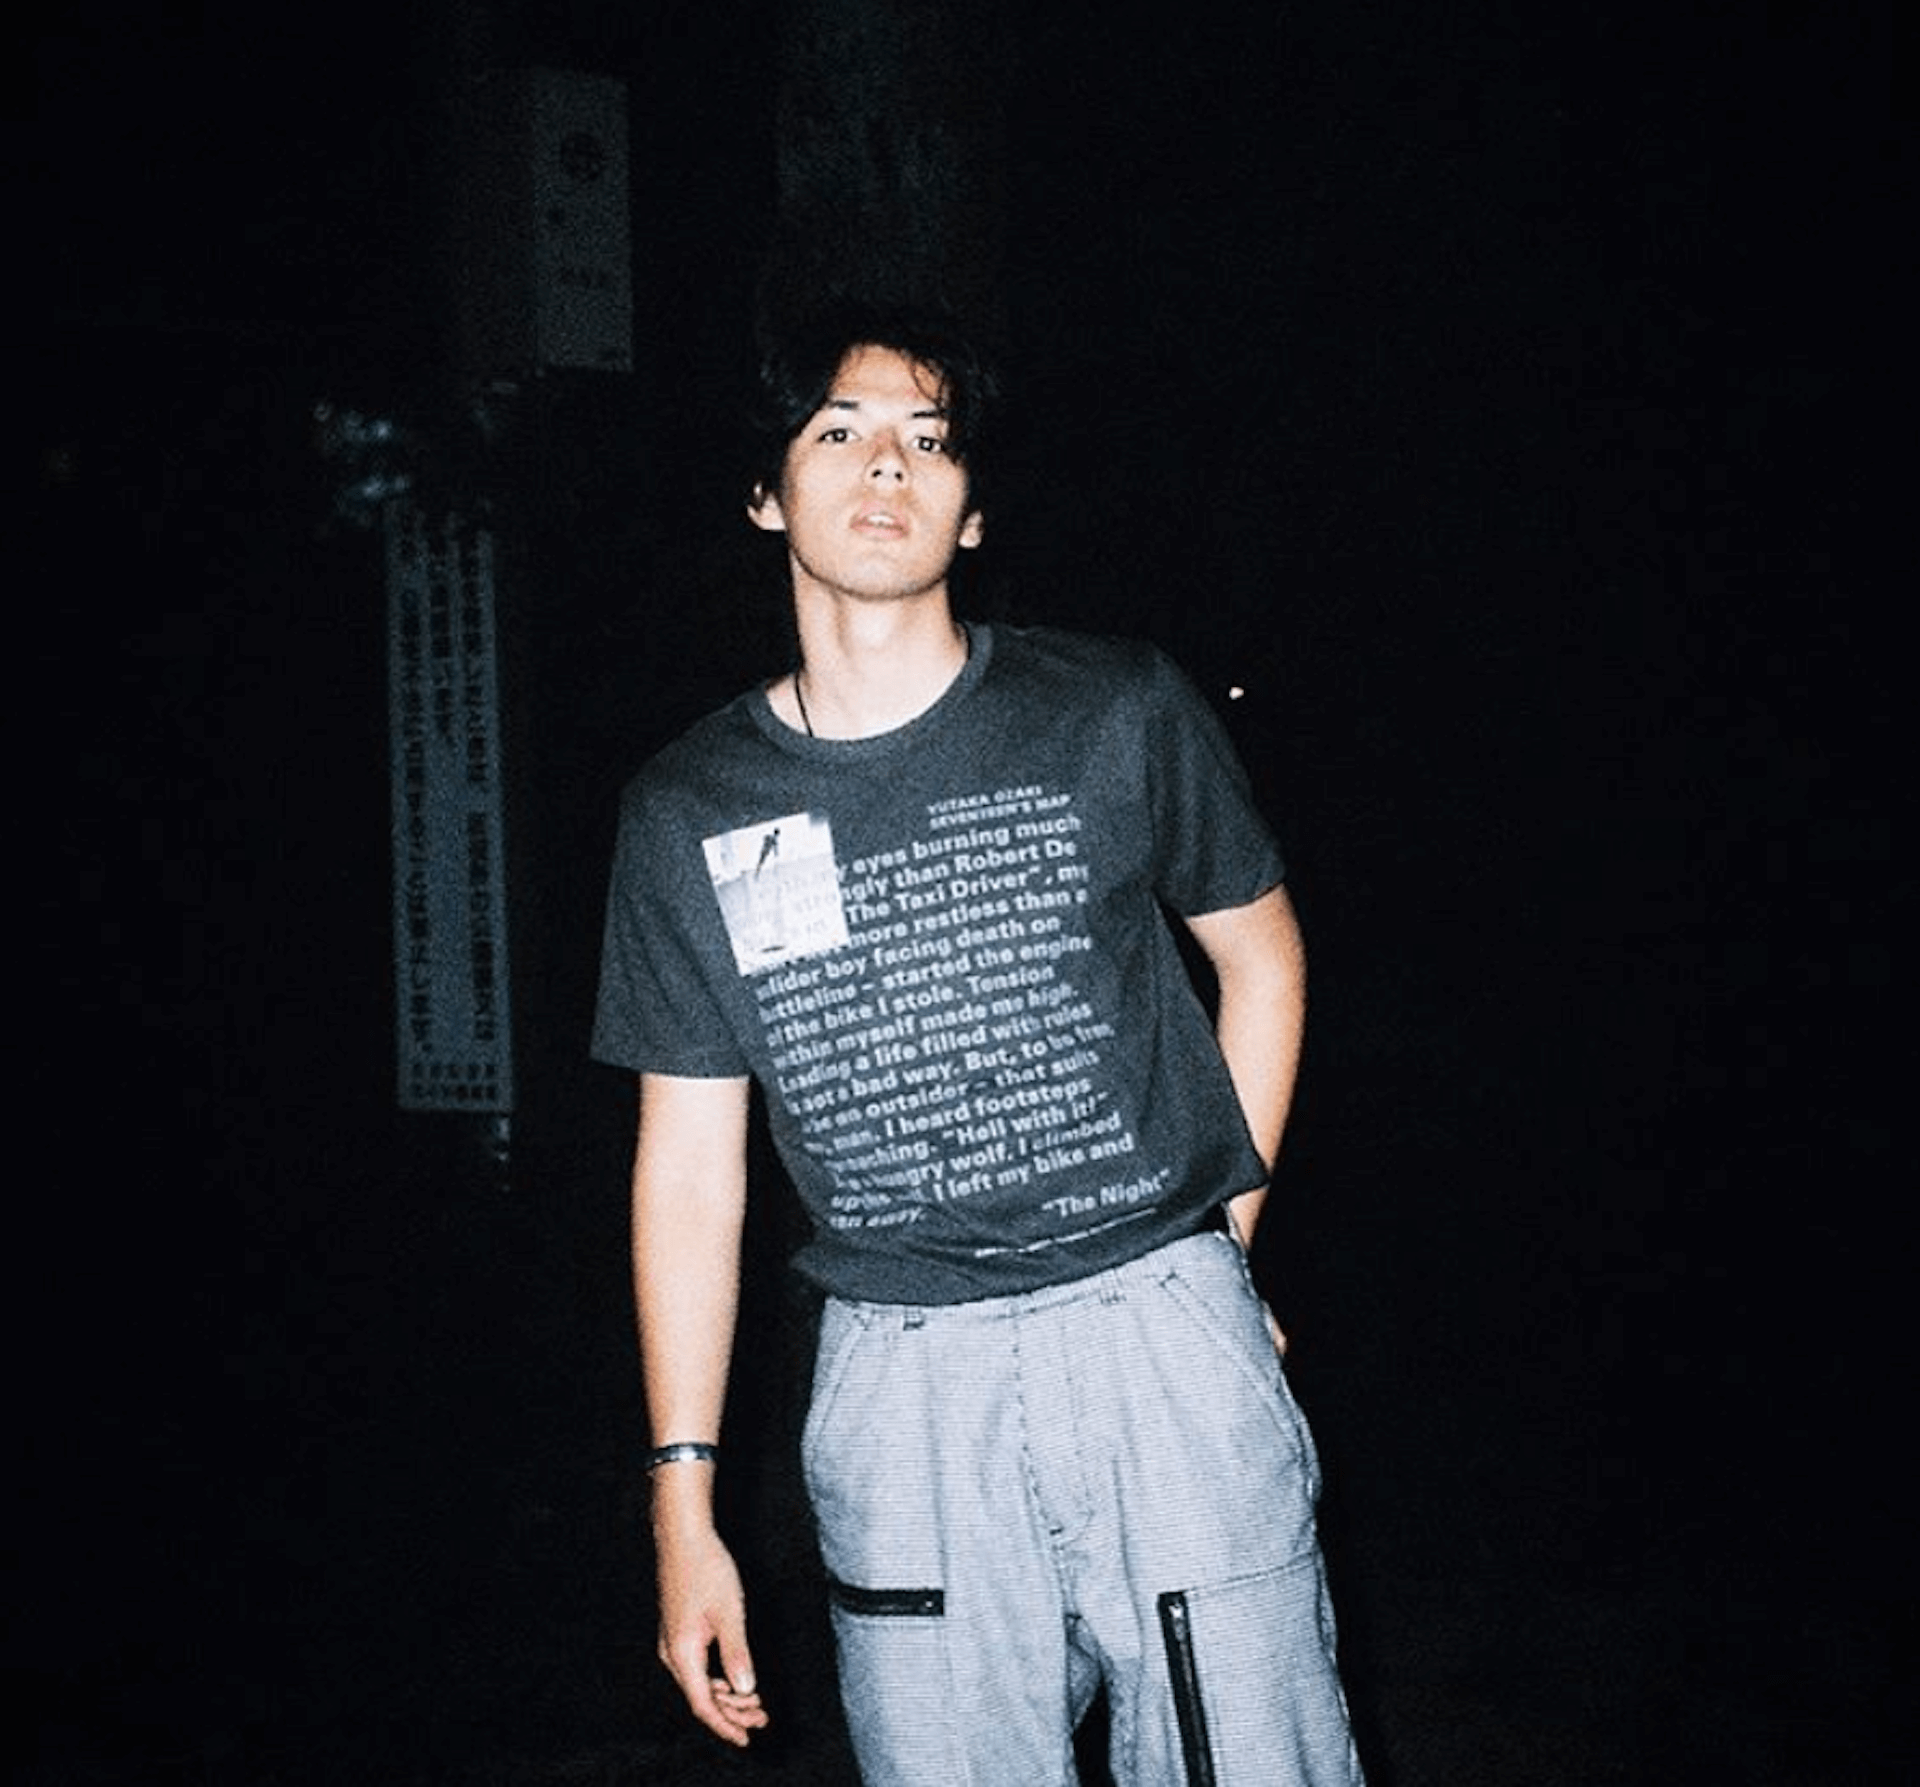 渋谷で尾崎豊の「卒業」を熱唱する謎のイケメンハーフ、INTERSECTION・青山ウィリアムに注目! 4dca17a63c78671fcb29abab1cdf3e70